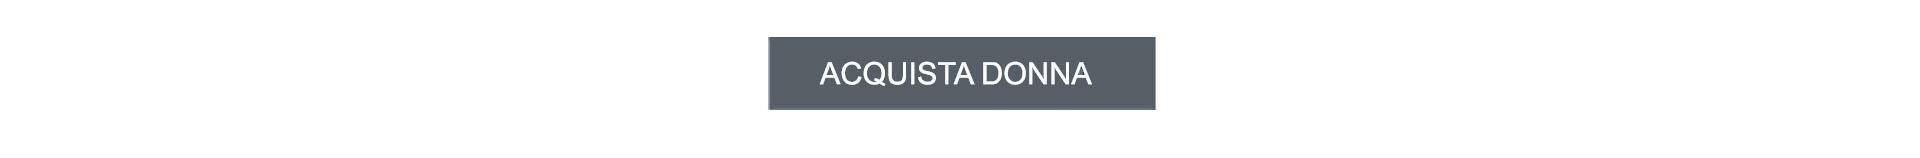 denim-donna